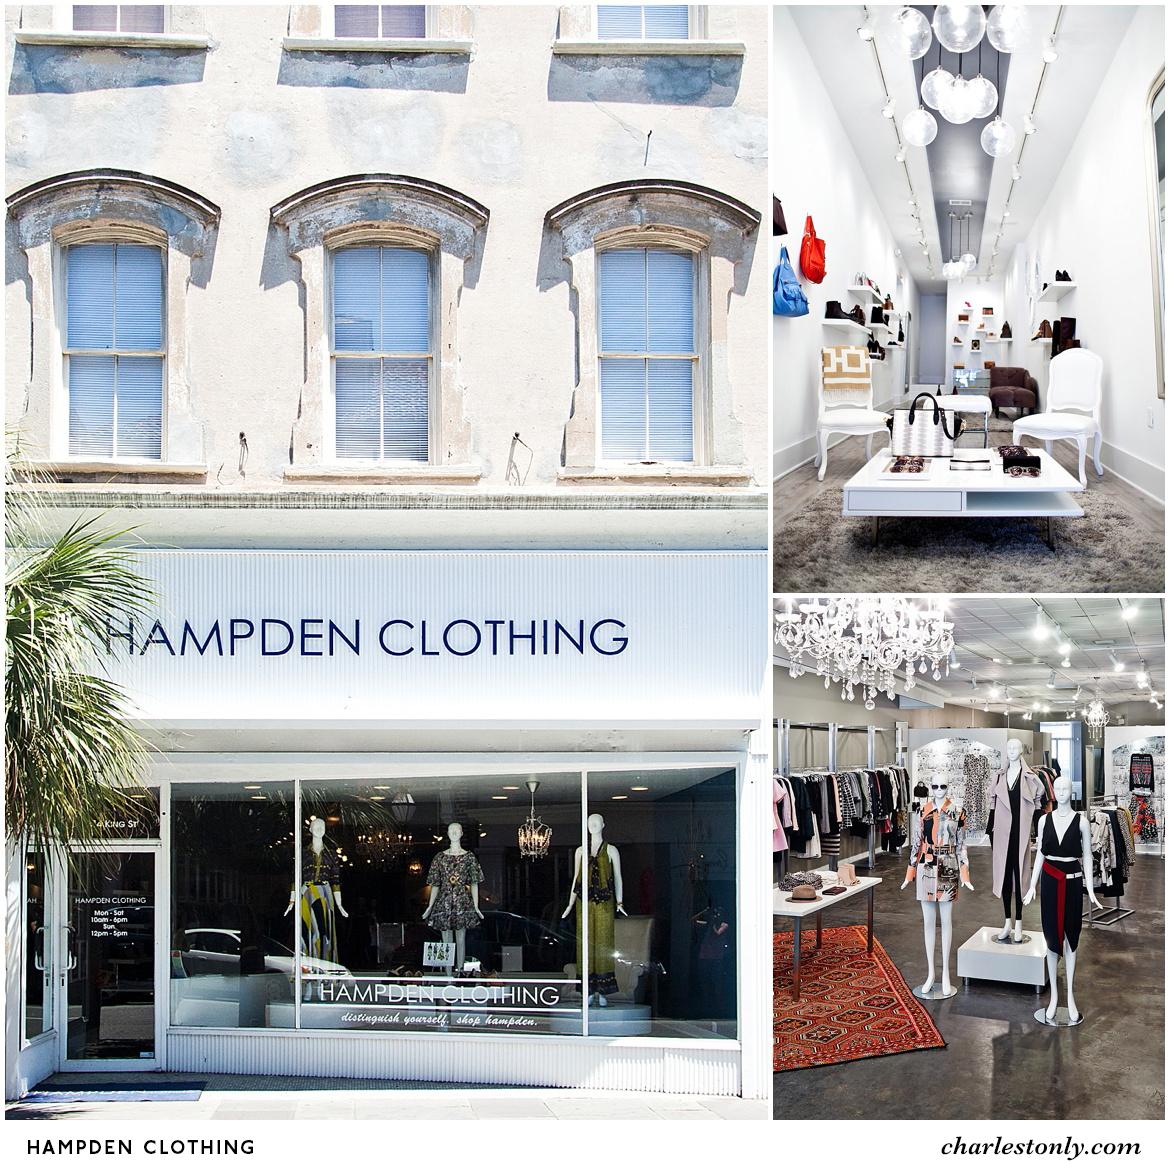 Hampden Clothing